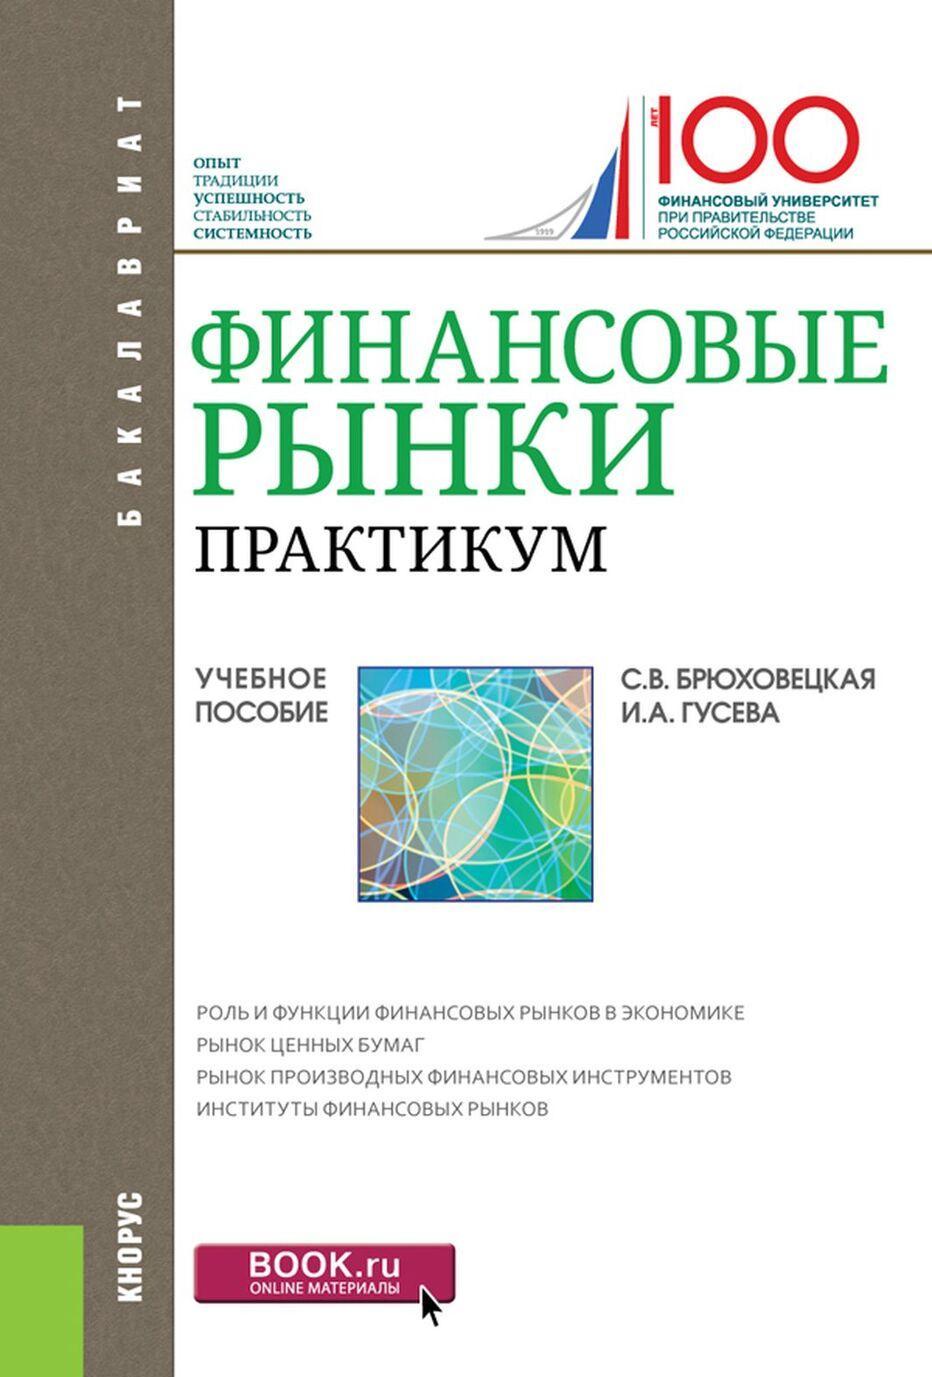 Finansovye rynki. Praktikum. Uchebnoe posobie | Brjukhovetskaja Svetlana Vladimirovna, Guseva Irina Alekseevna